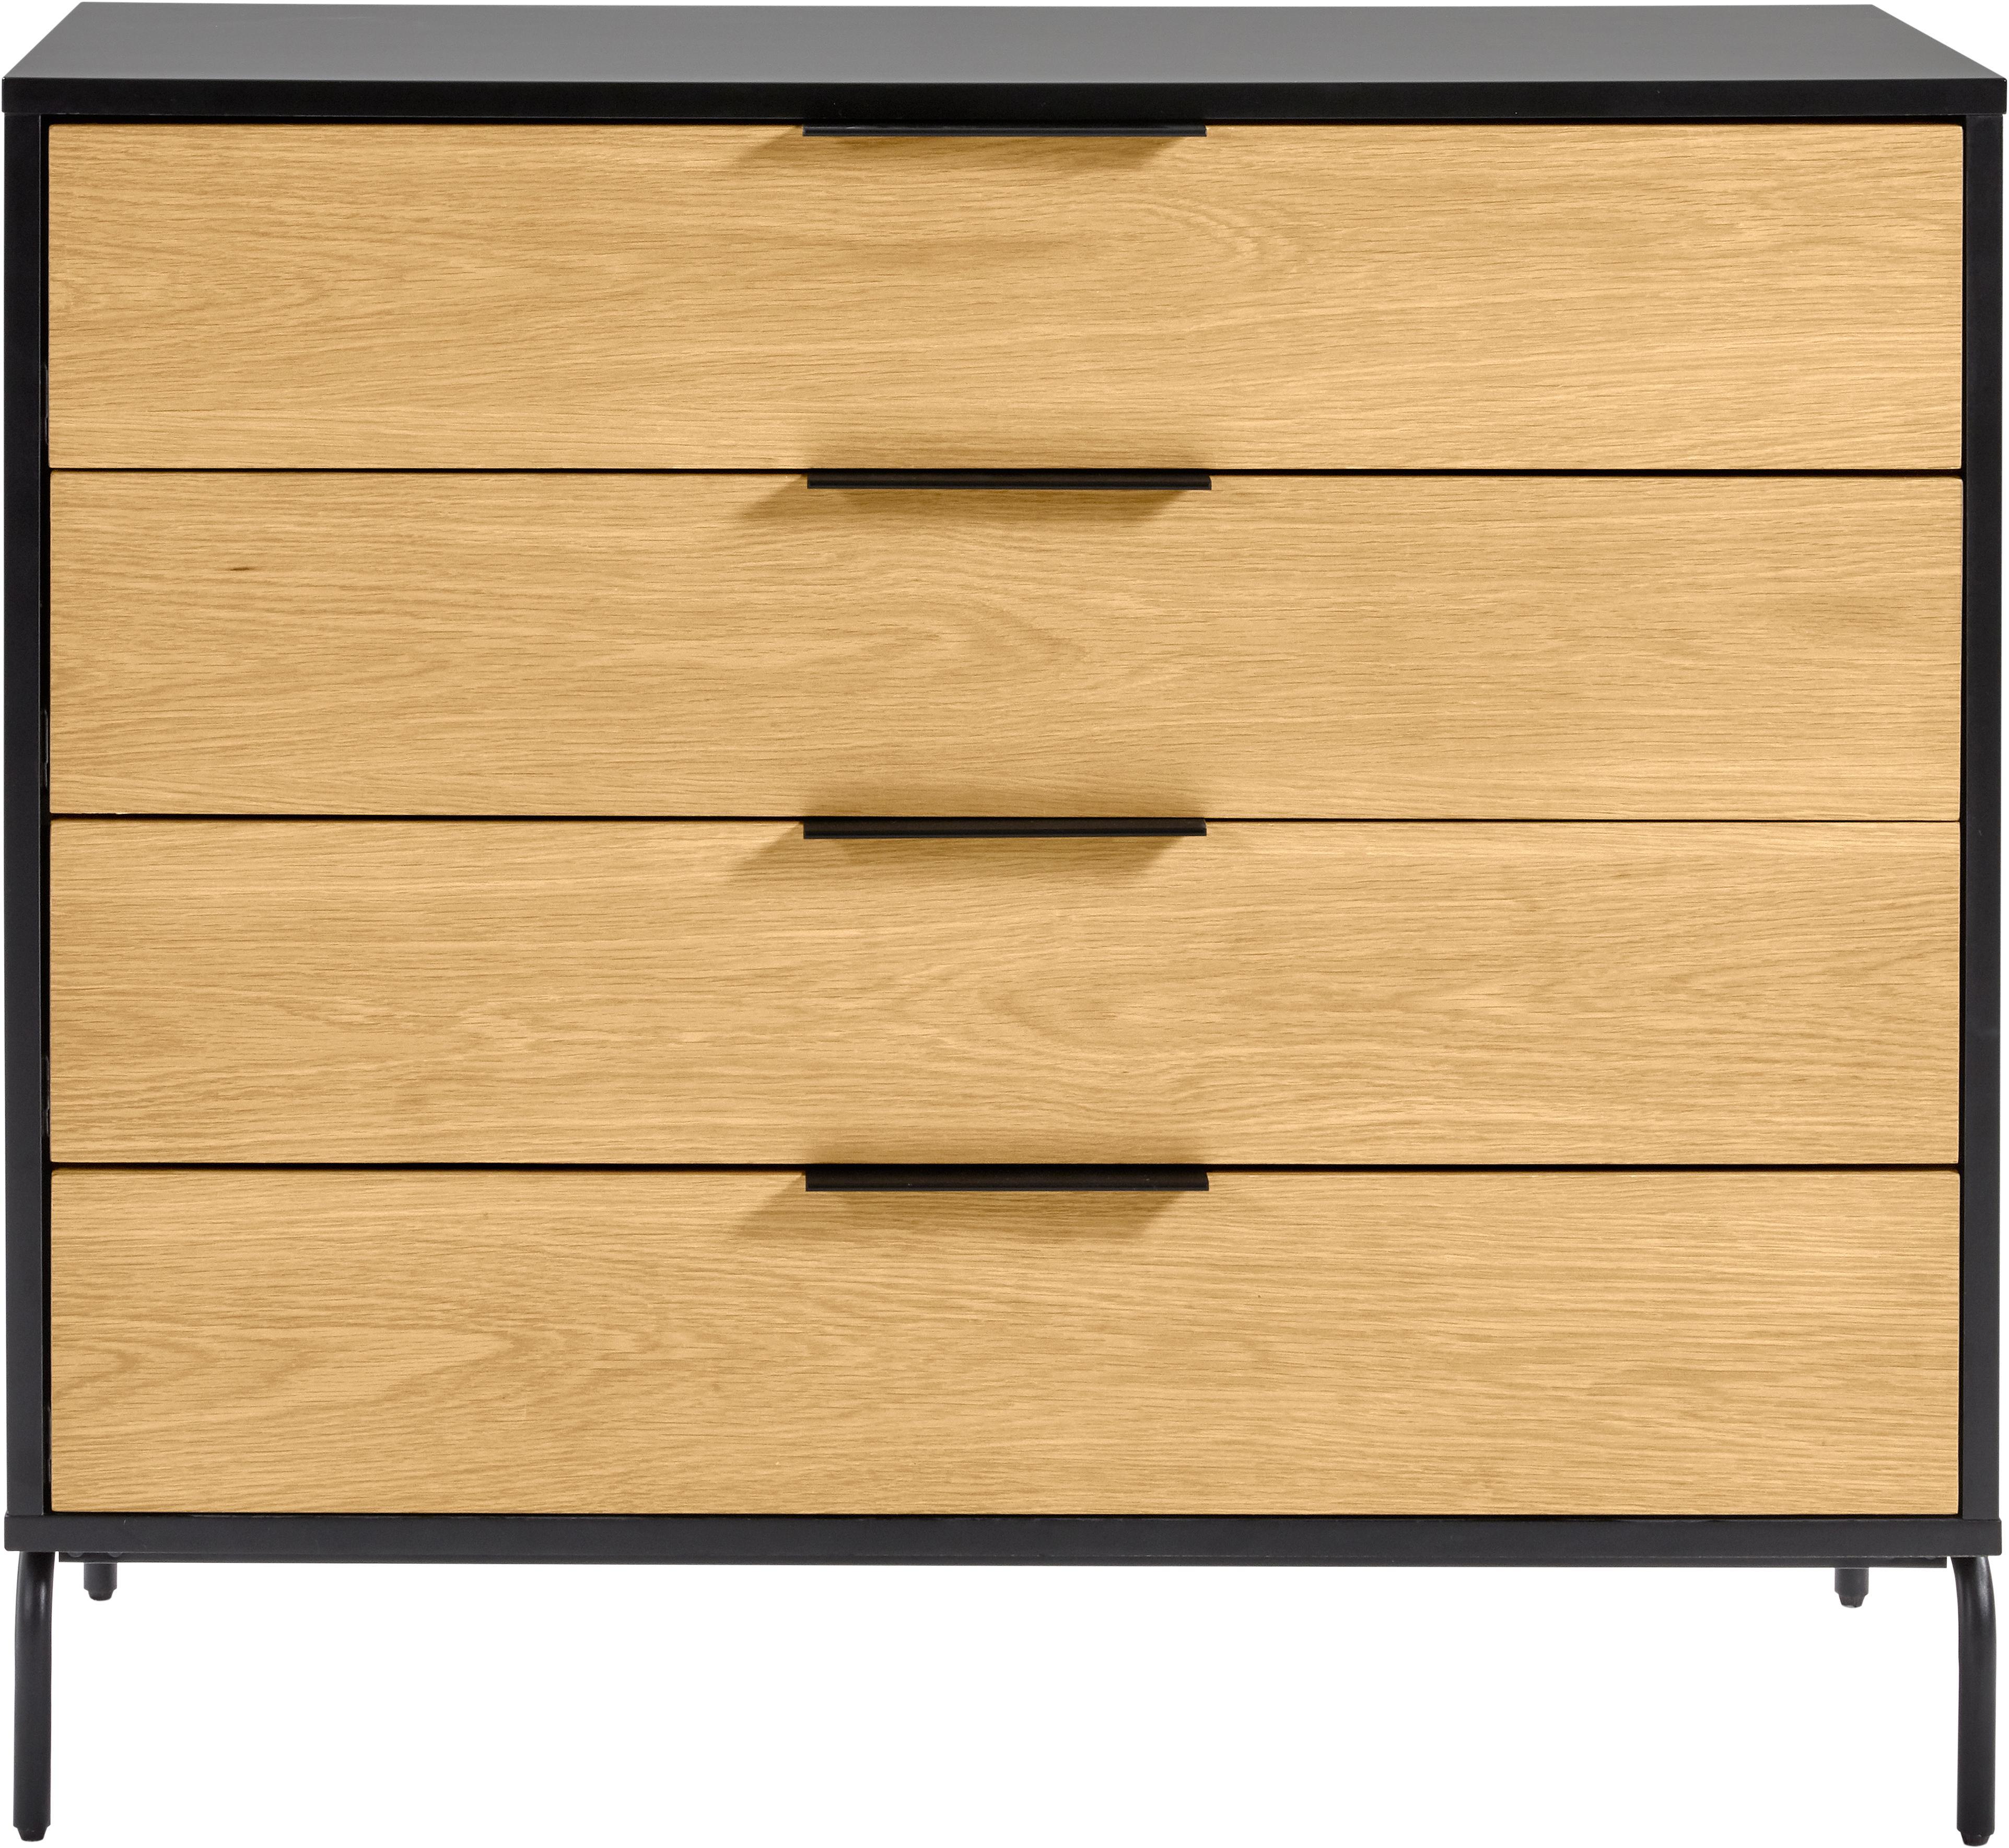 Kommode Stellar mit 4 Schubladen aus Eichenholzfurnier, Korpus: Mitteldichte Holzfaserpla, Schwarz, Eichenholz, 100 x 90 cm